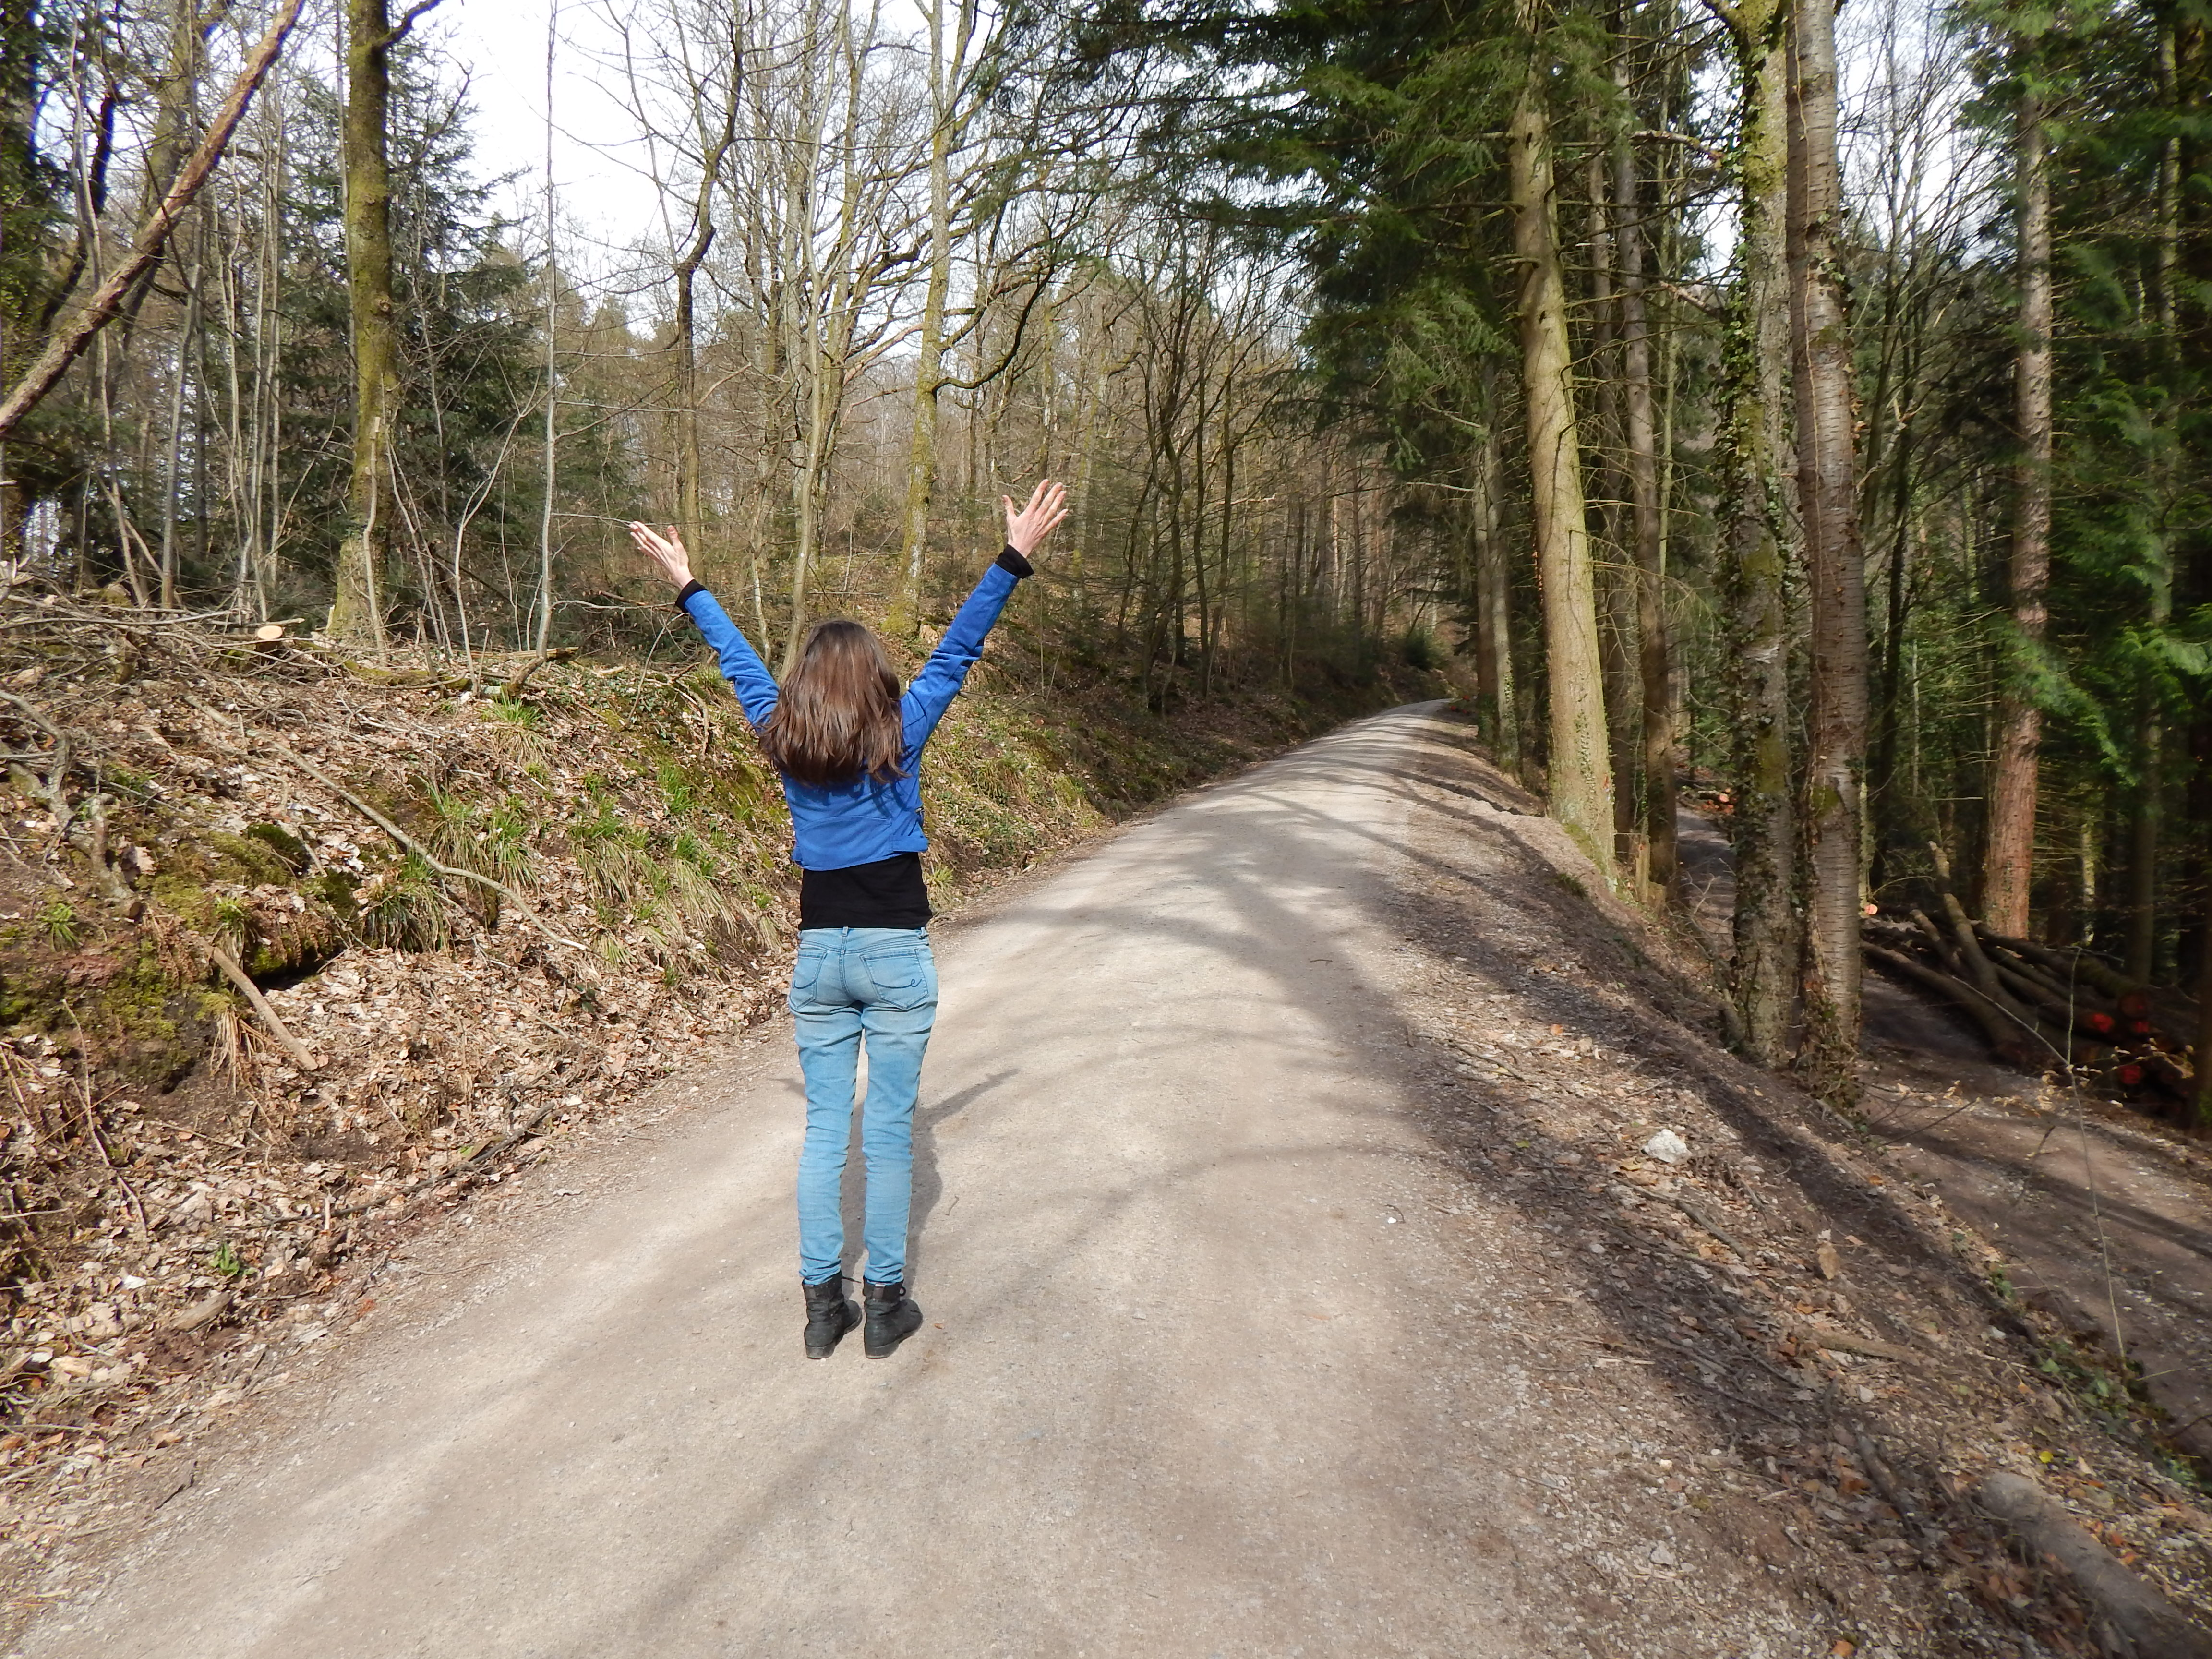 Bain de Forêt : allier nature et bien-être – Pourquoi pas dans la forêt de Haguenau ?